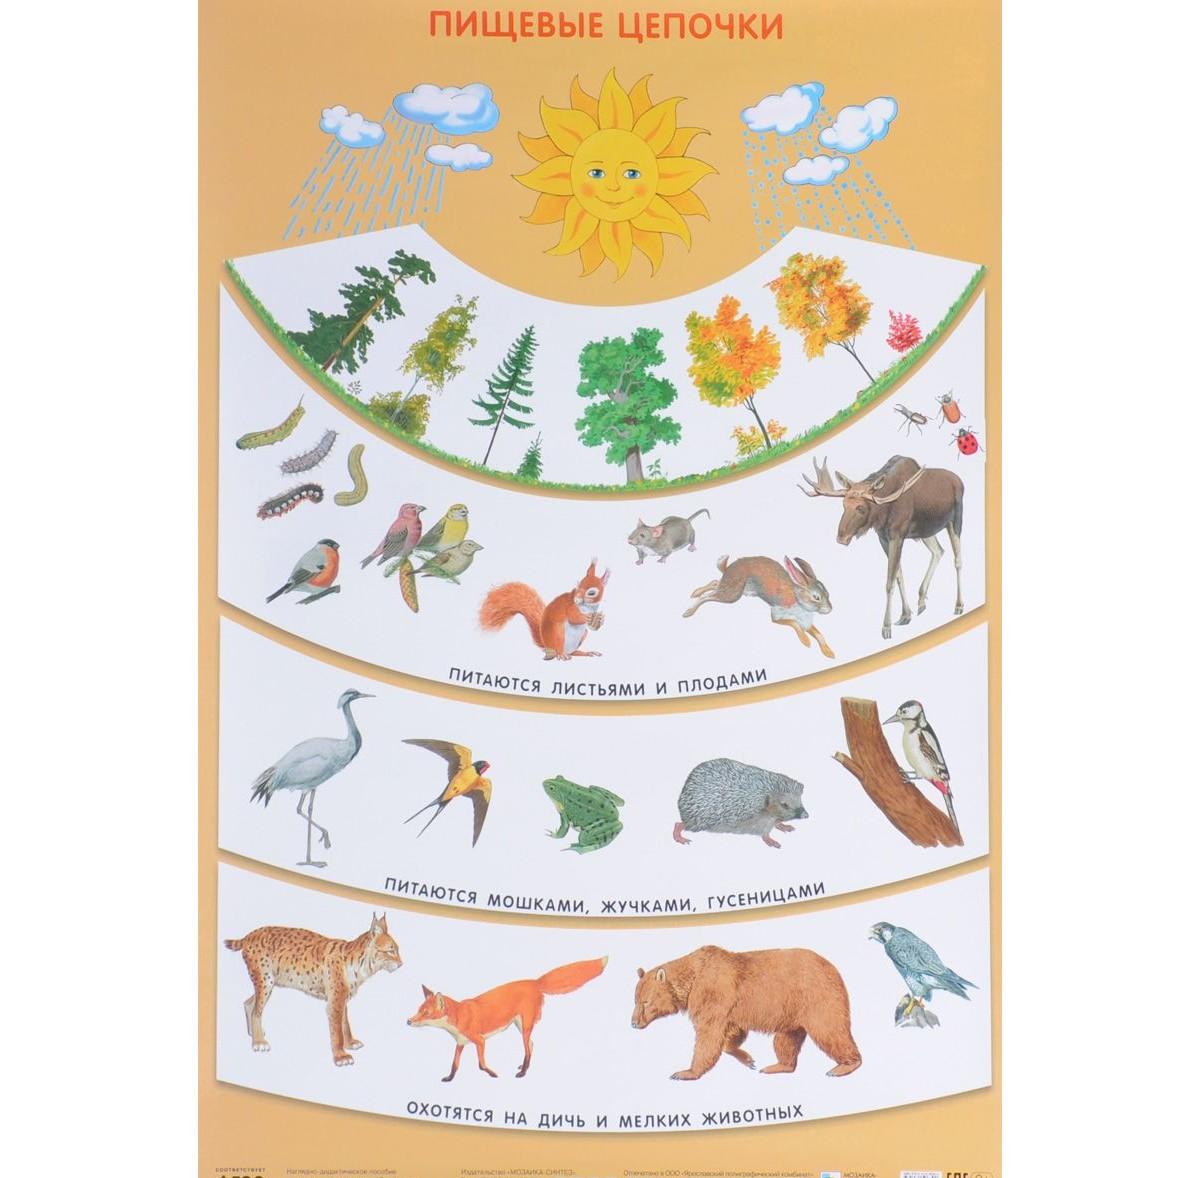 Плакат Николаева С. Н. - Пищевые цепочкиРазвивающие пособия и умные карточки<br>Плакат Николаева С. Н. - Пищевые цепочки<br>